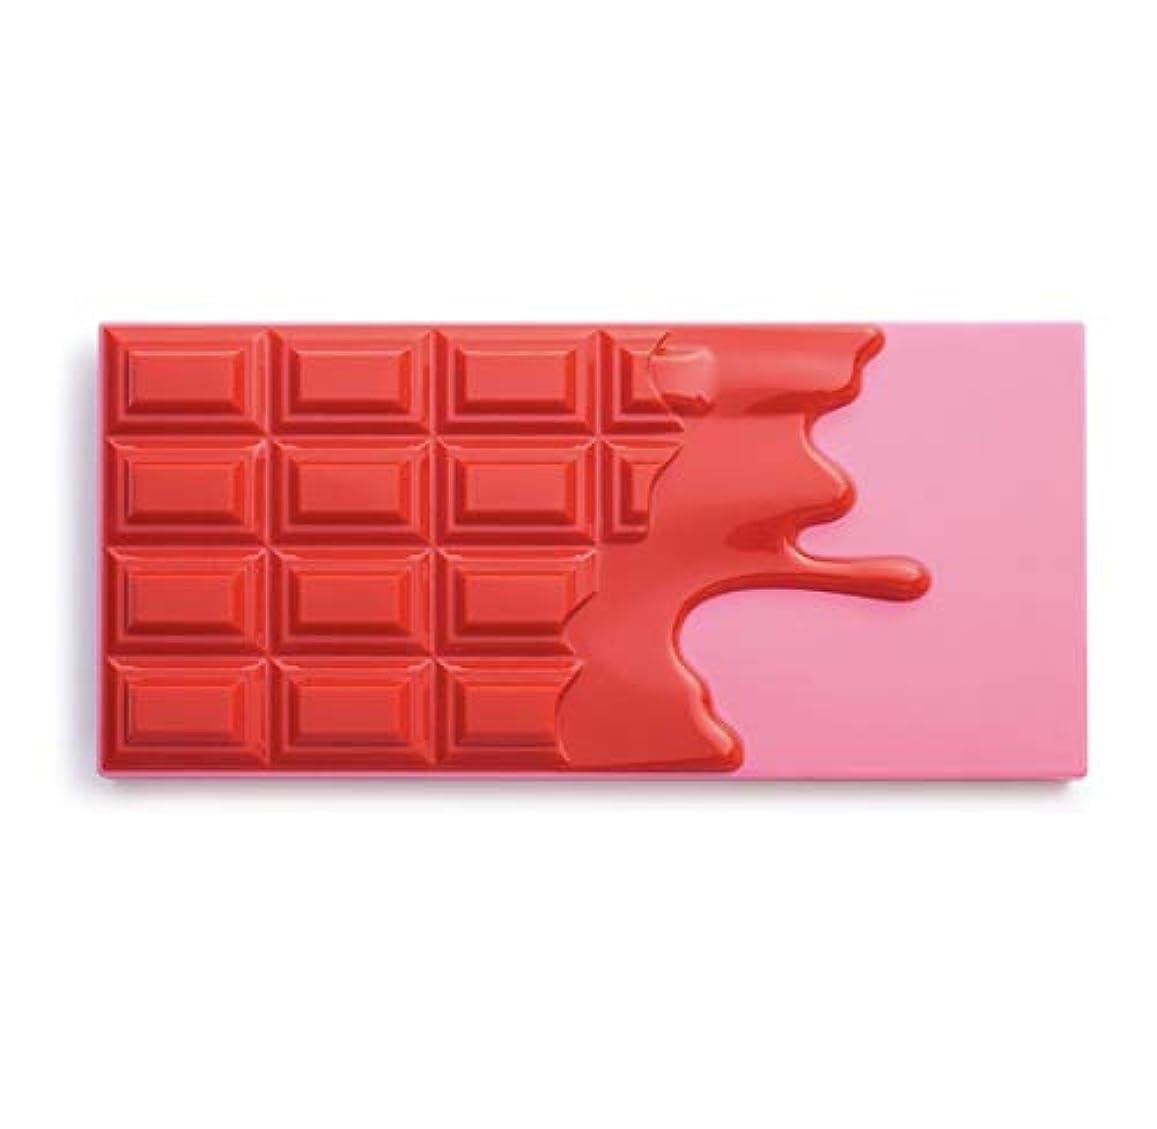 重要な役割を果たす、中心的な手段となる達成非アクティブメイクアップレボリューション アイラブメイクアップ チョコレート型18色アイシャドウパレット #Cherry Chocolate